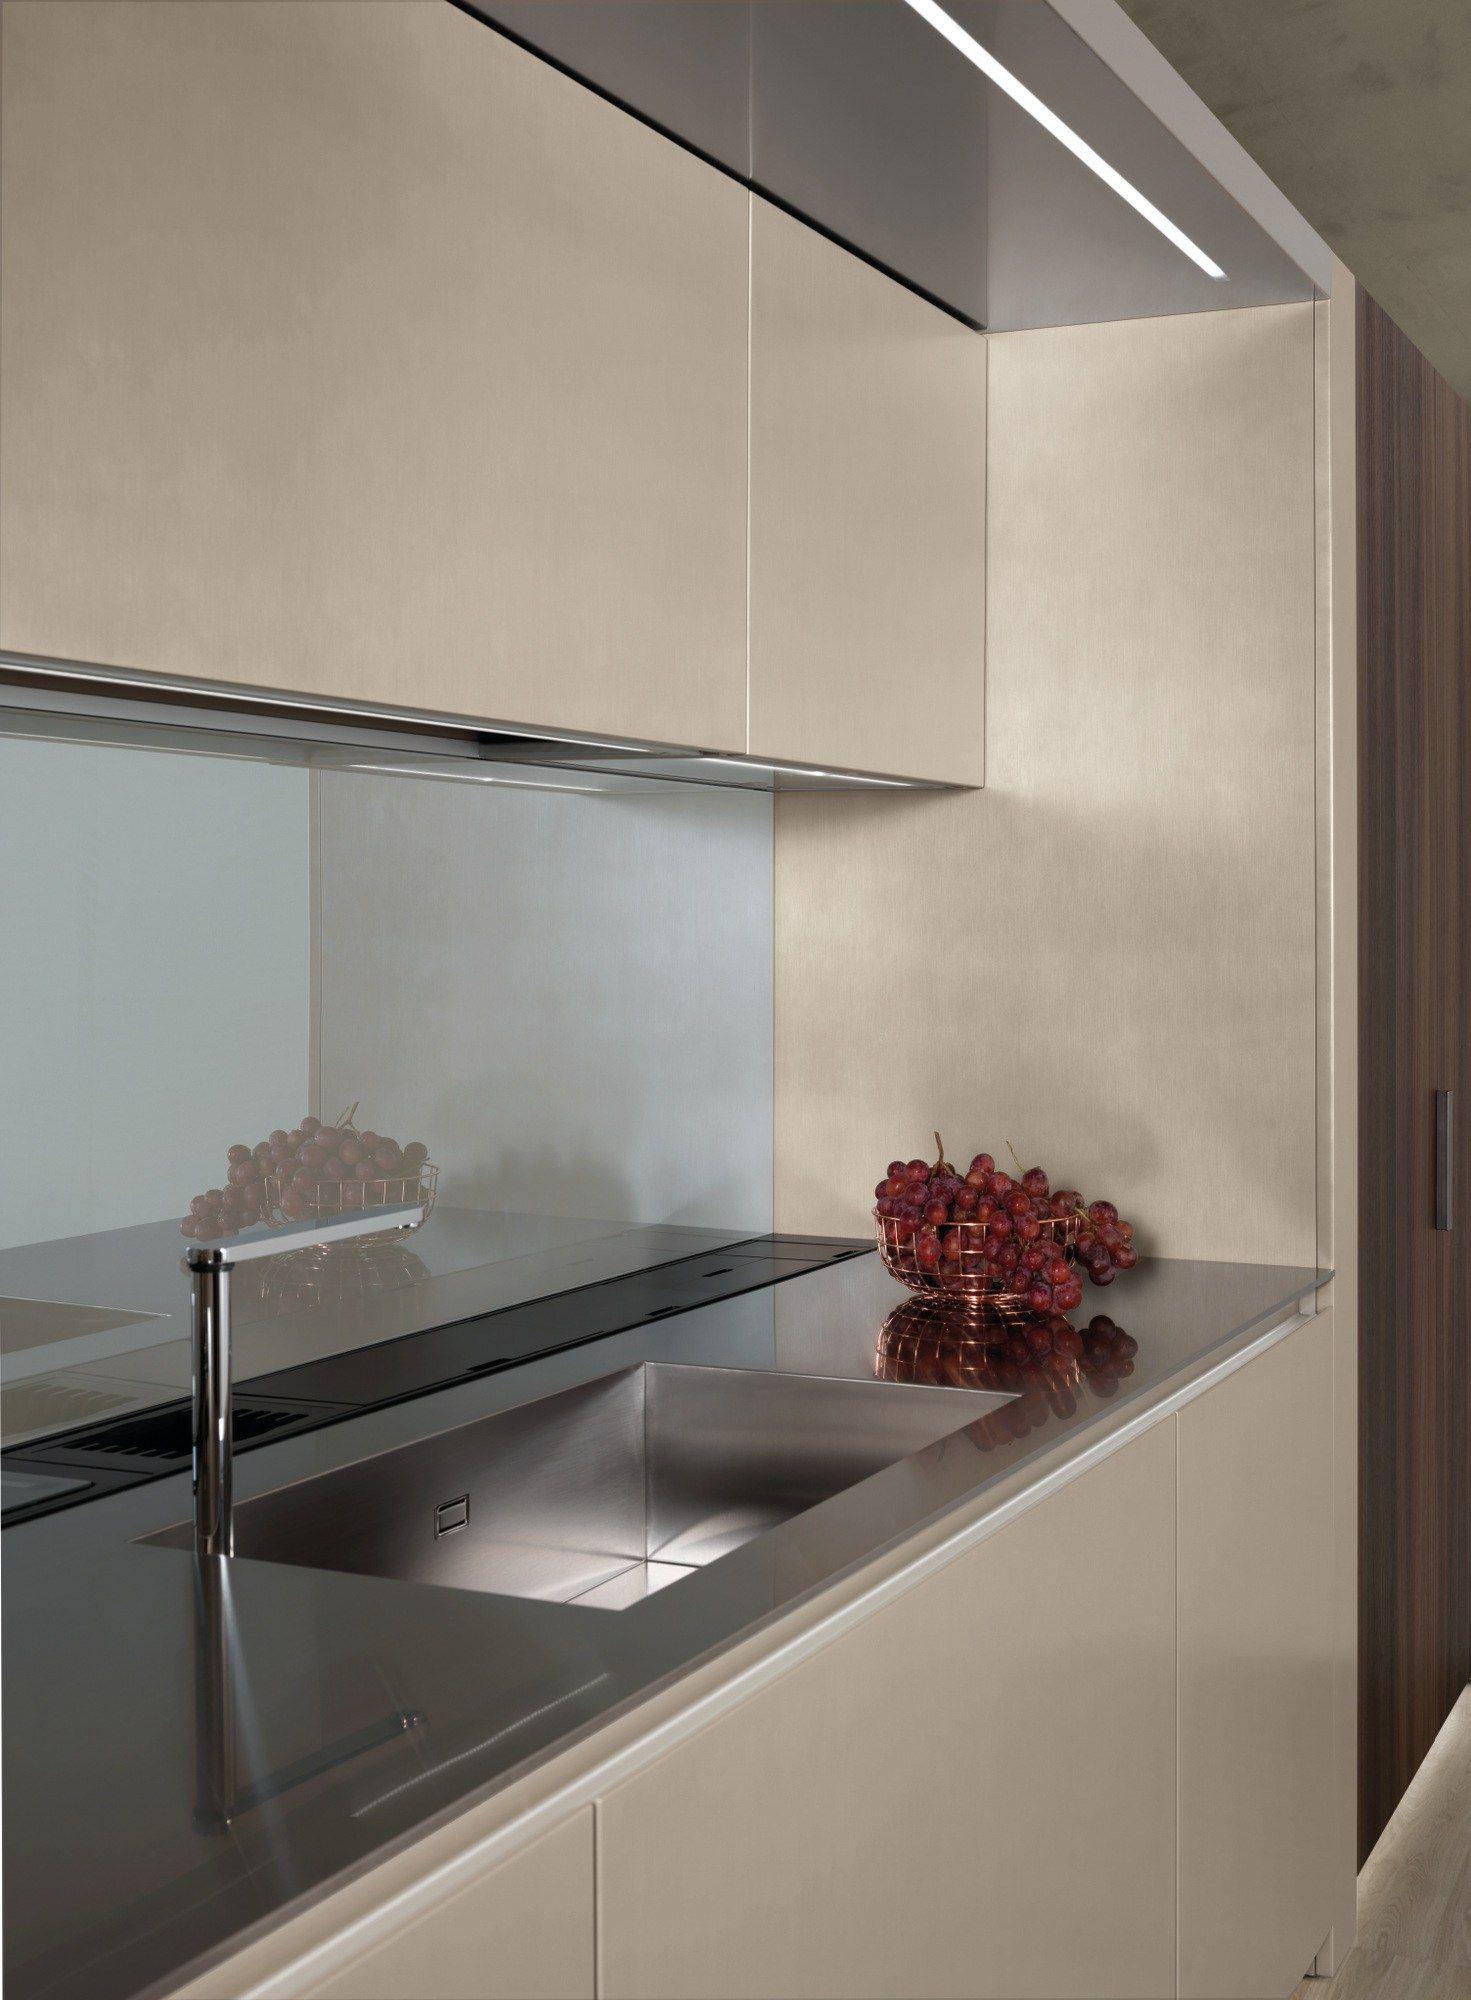 Scarica il catalogo e richiedi prezzi di Arte | cucina lineare By ...